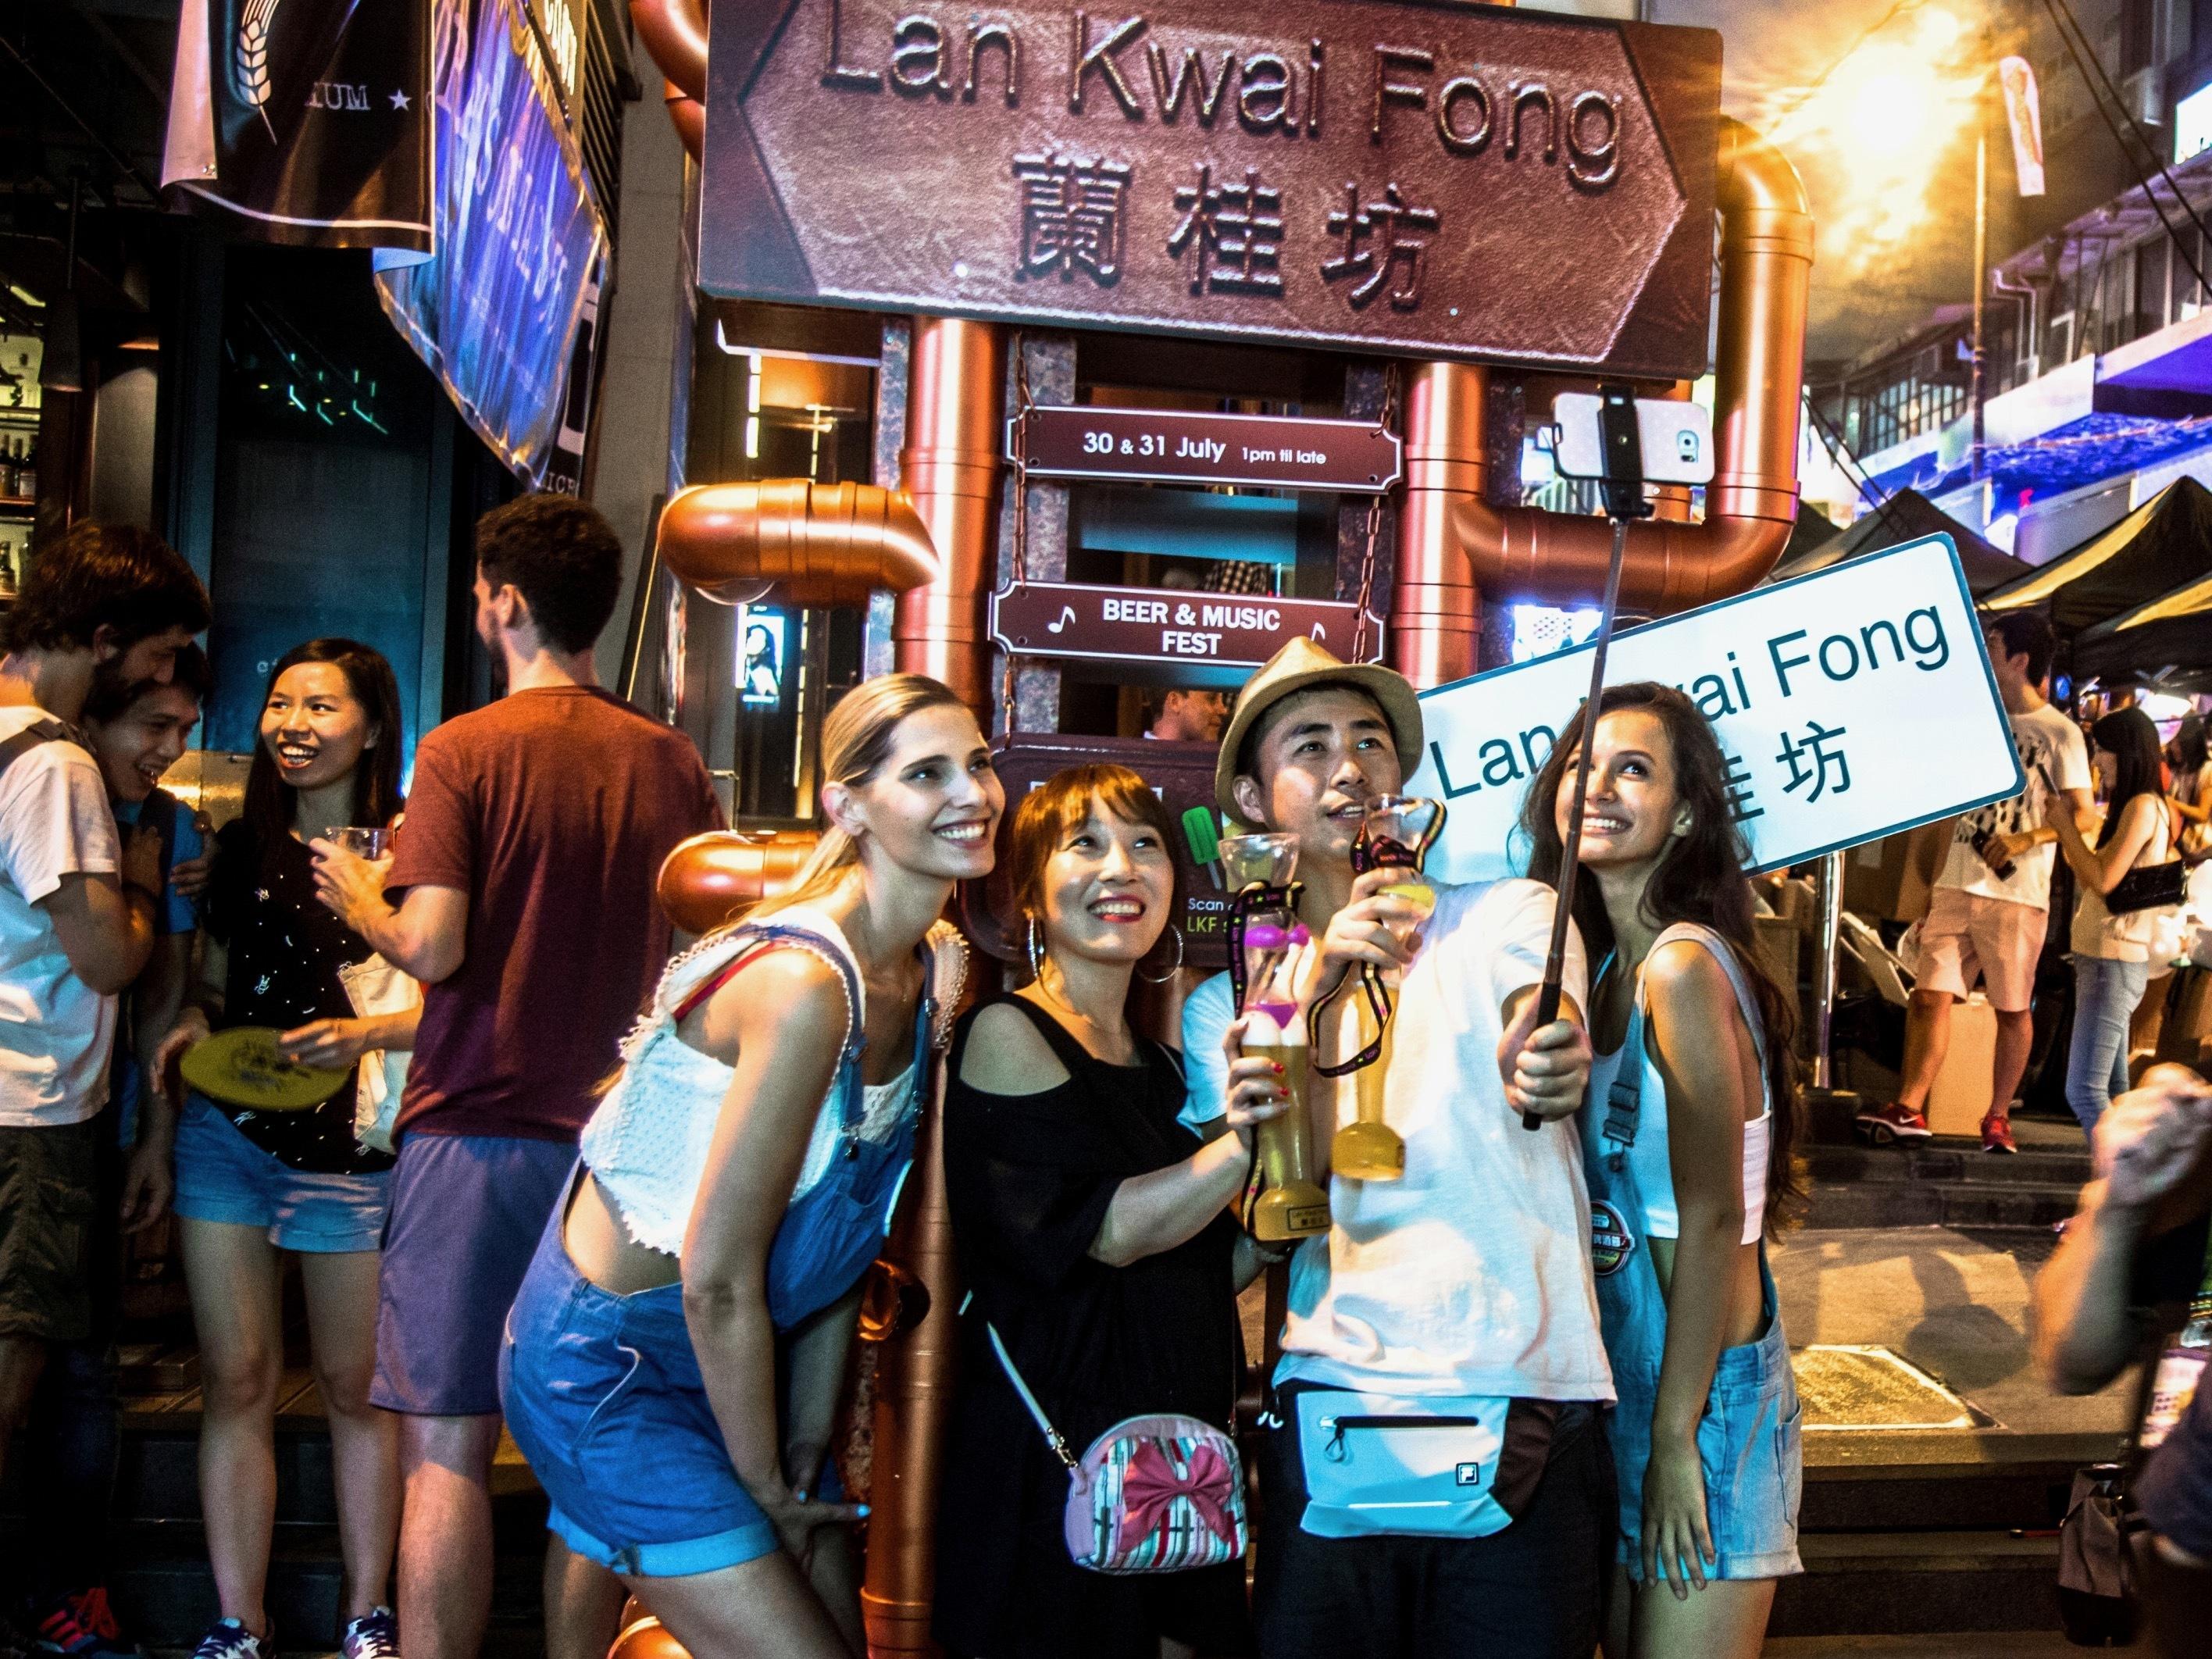 LKF Beer & Music Fest